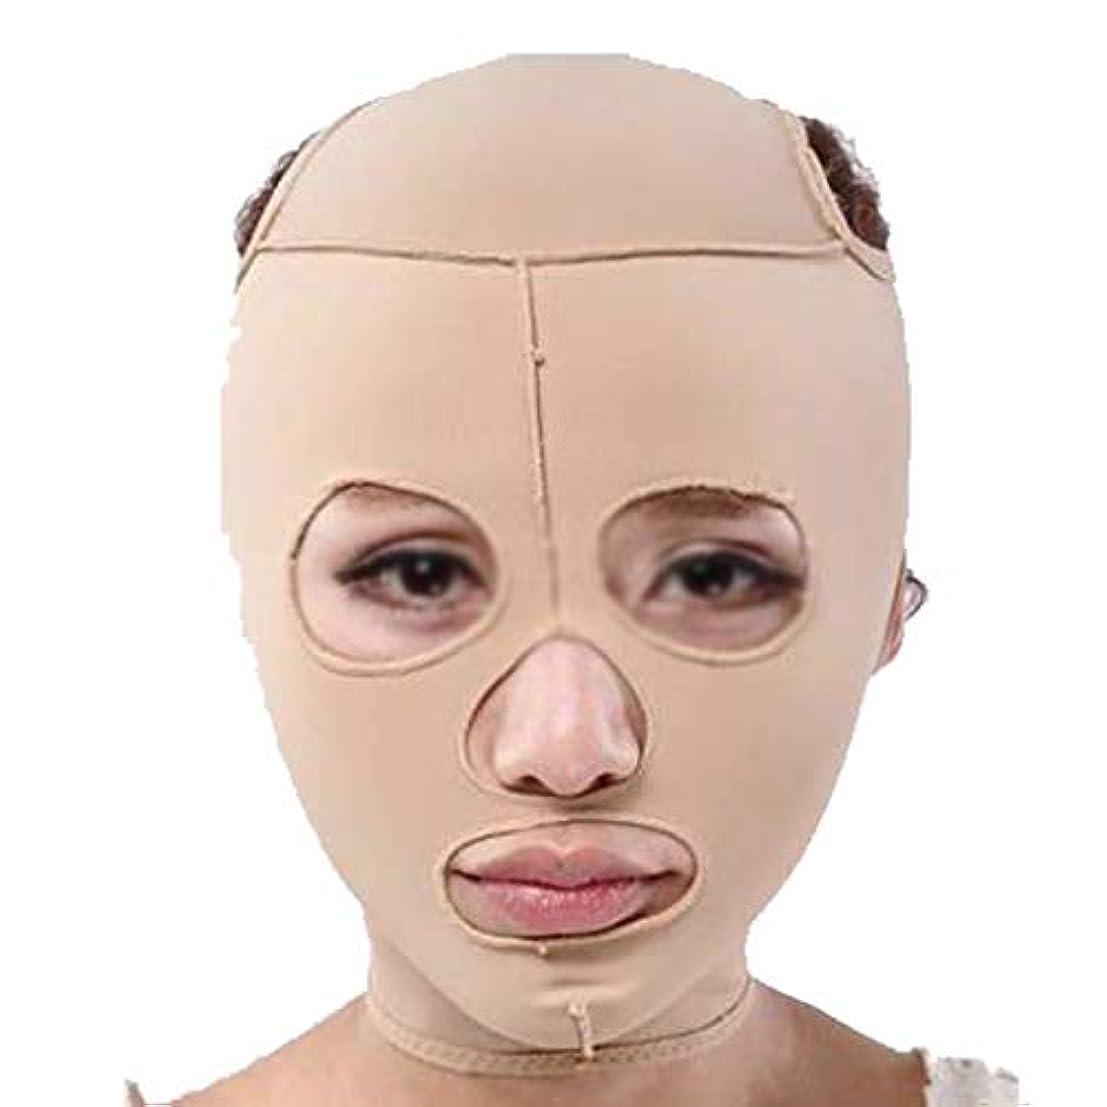 終点シャーロットブロンテ残り物ZWBD フェイスマスク, フェイスコレクター男性と女性のフェイスリフティングマスクマスクバンデージリフティングスモールVフェイスリフティング引き締めダブルチン